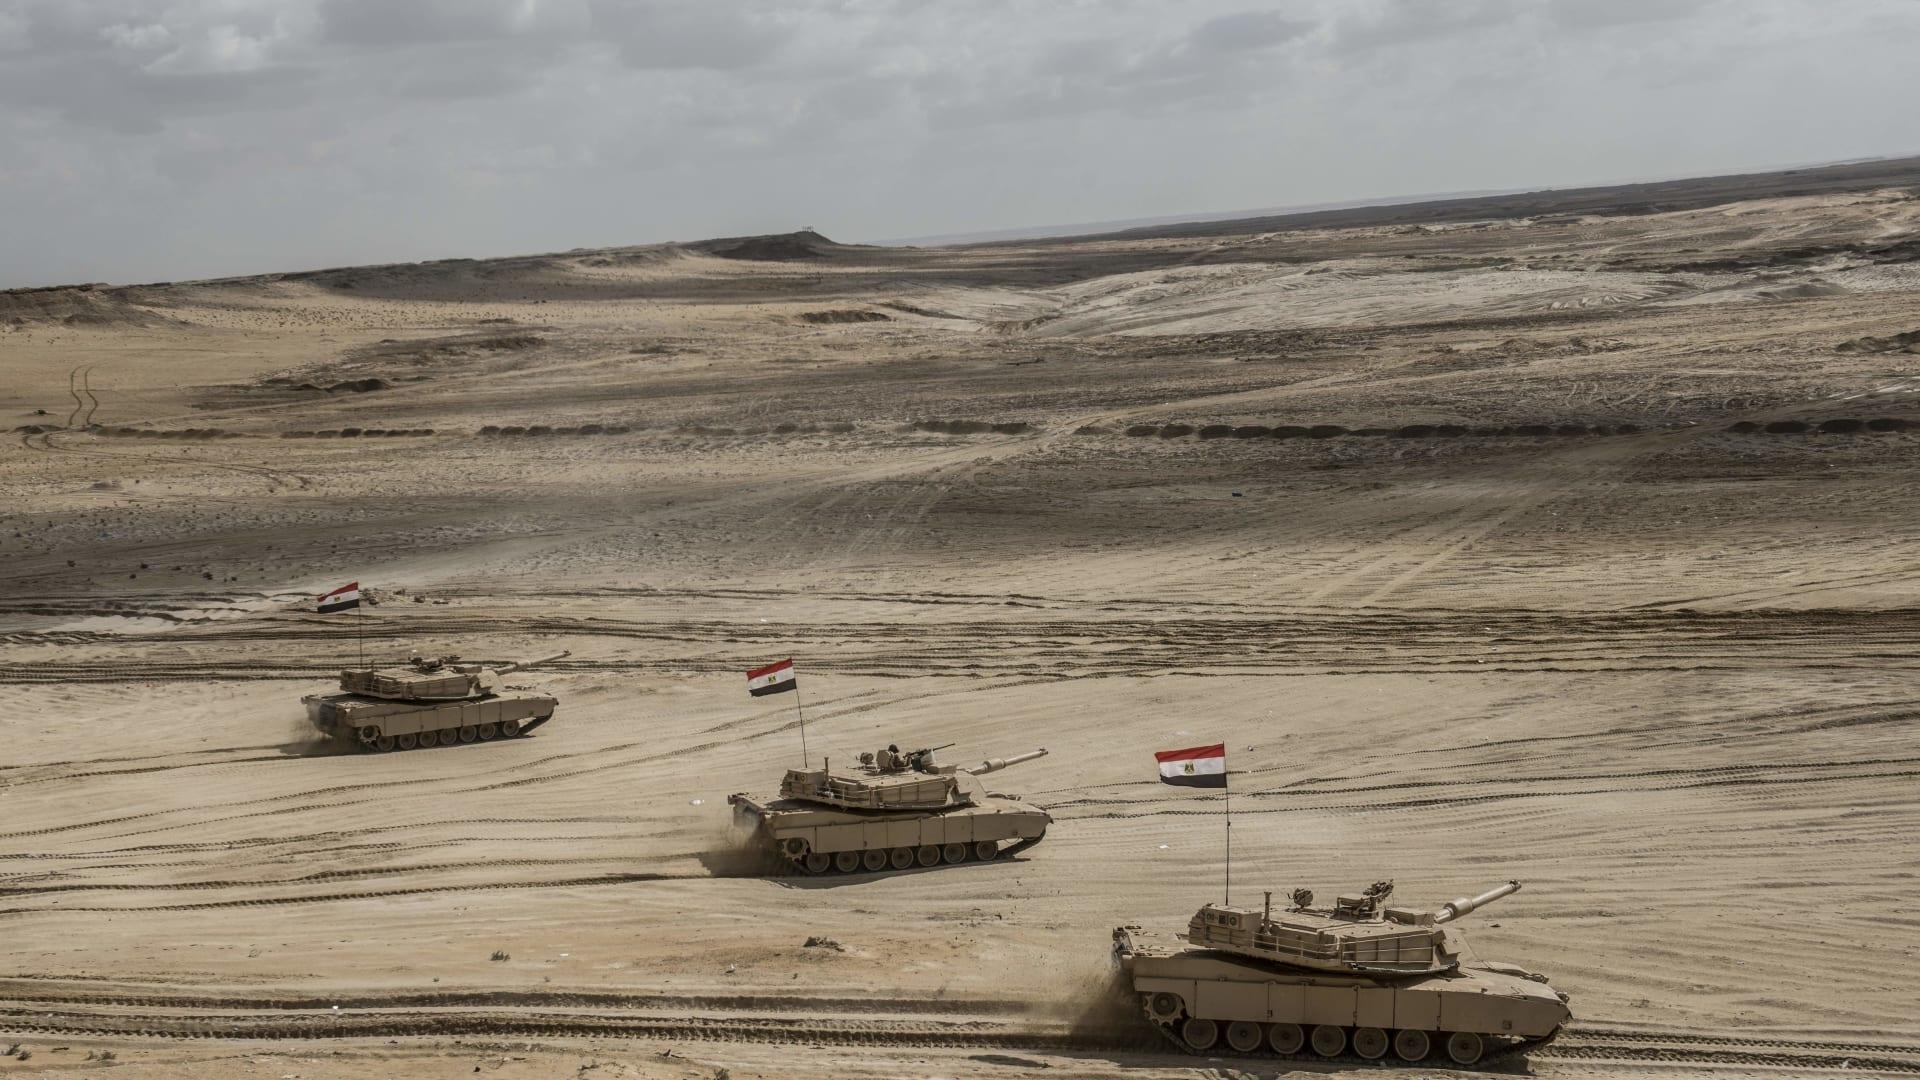 مصر.. مصدر أمني بوزارة الداخلية يكشف حقيقة حذف بيان حول عملية في بئر العبد